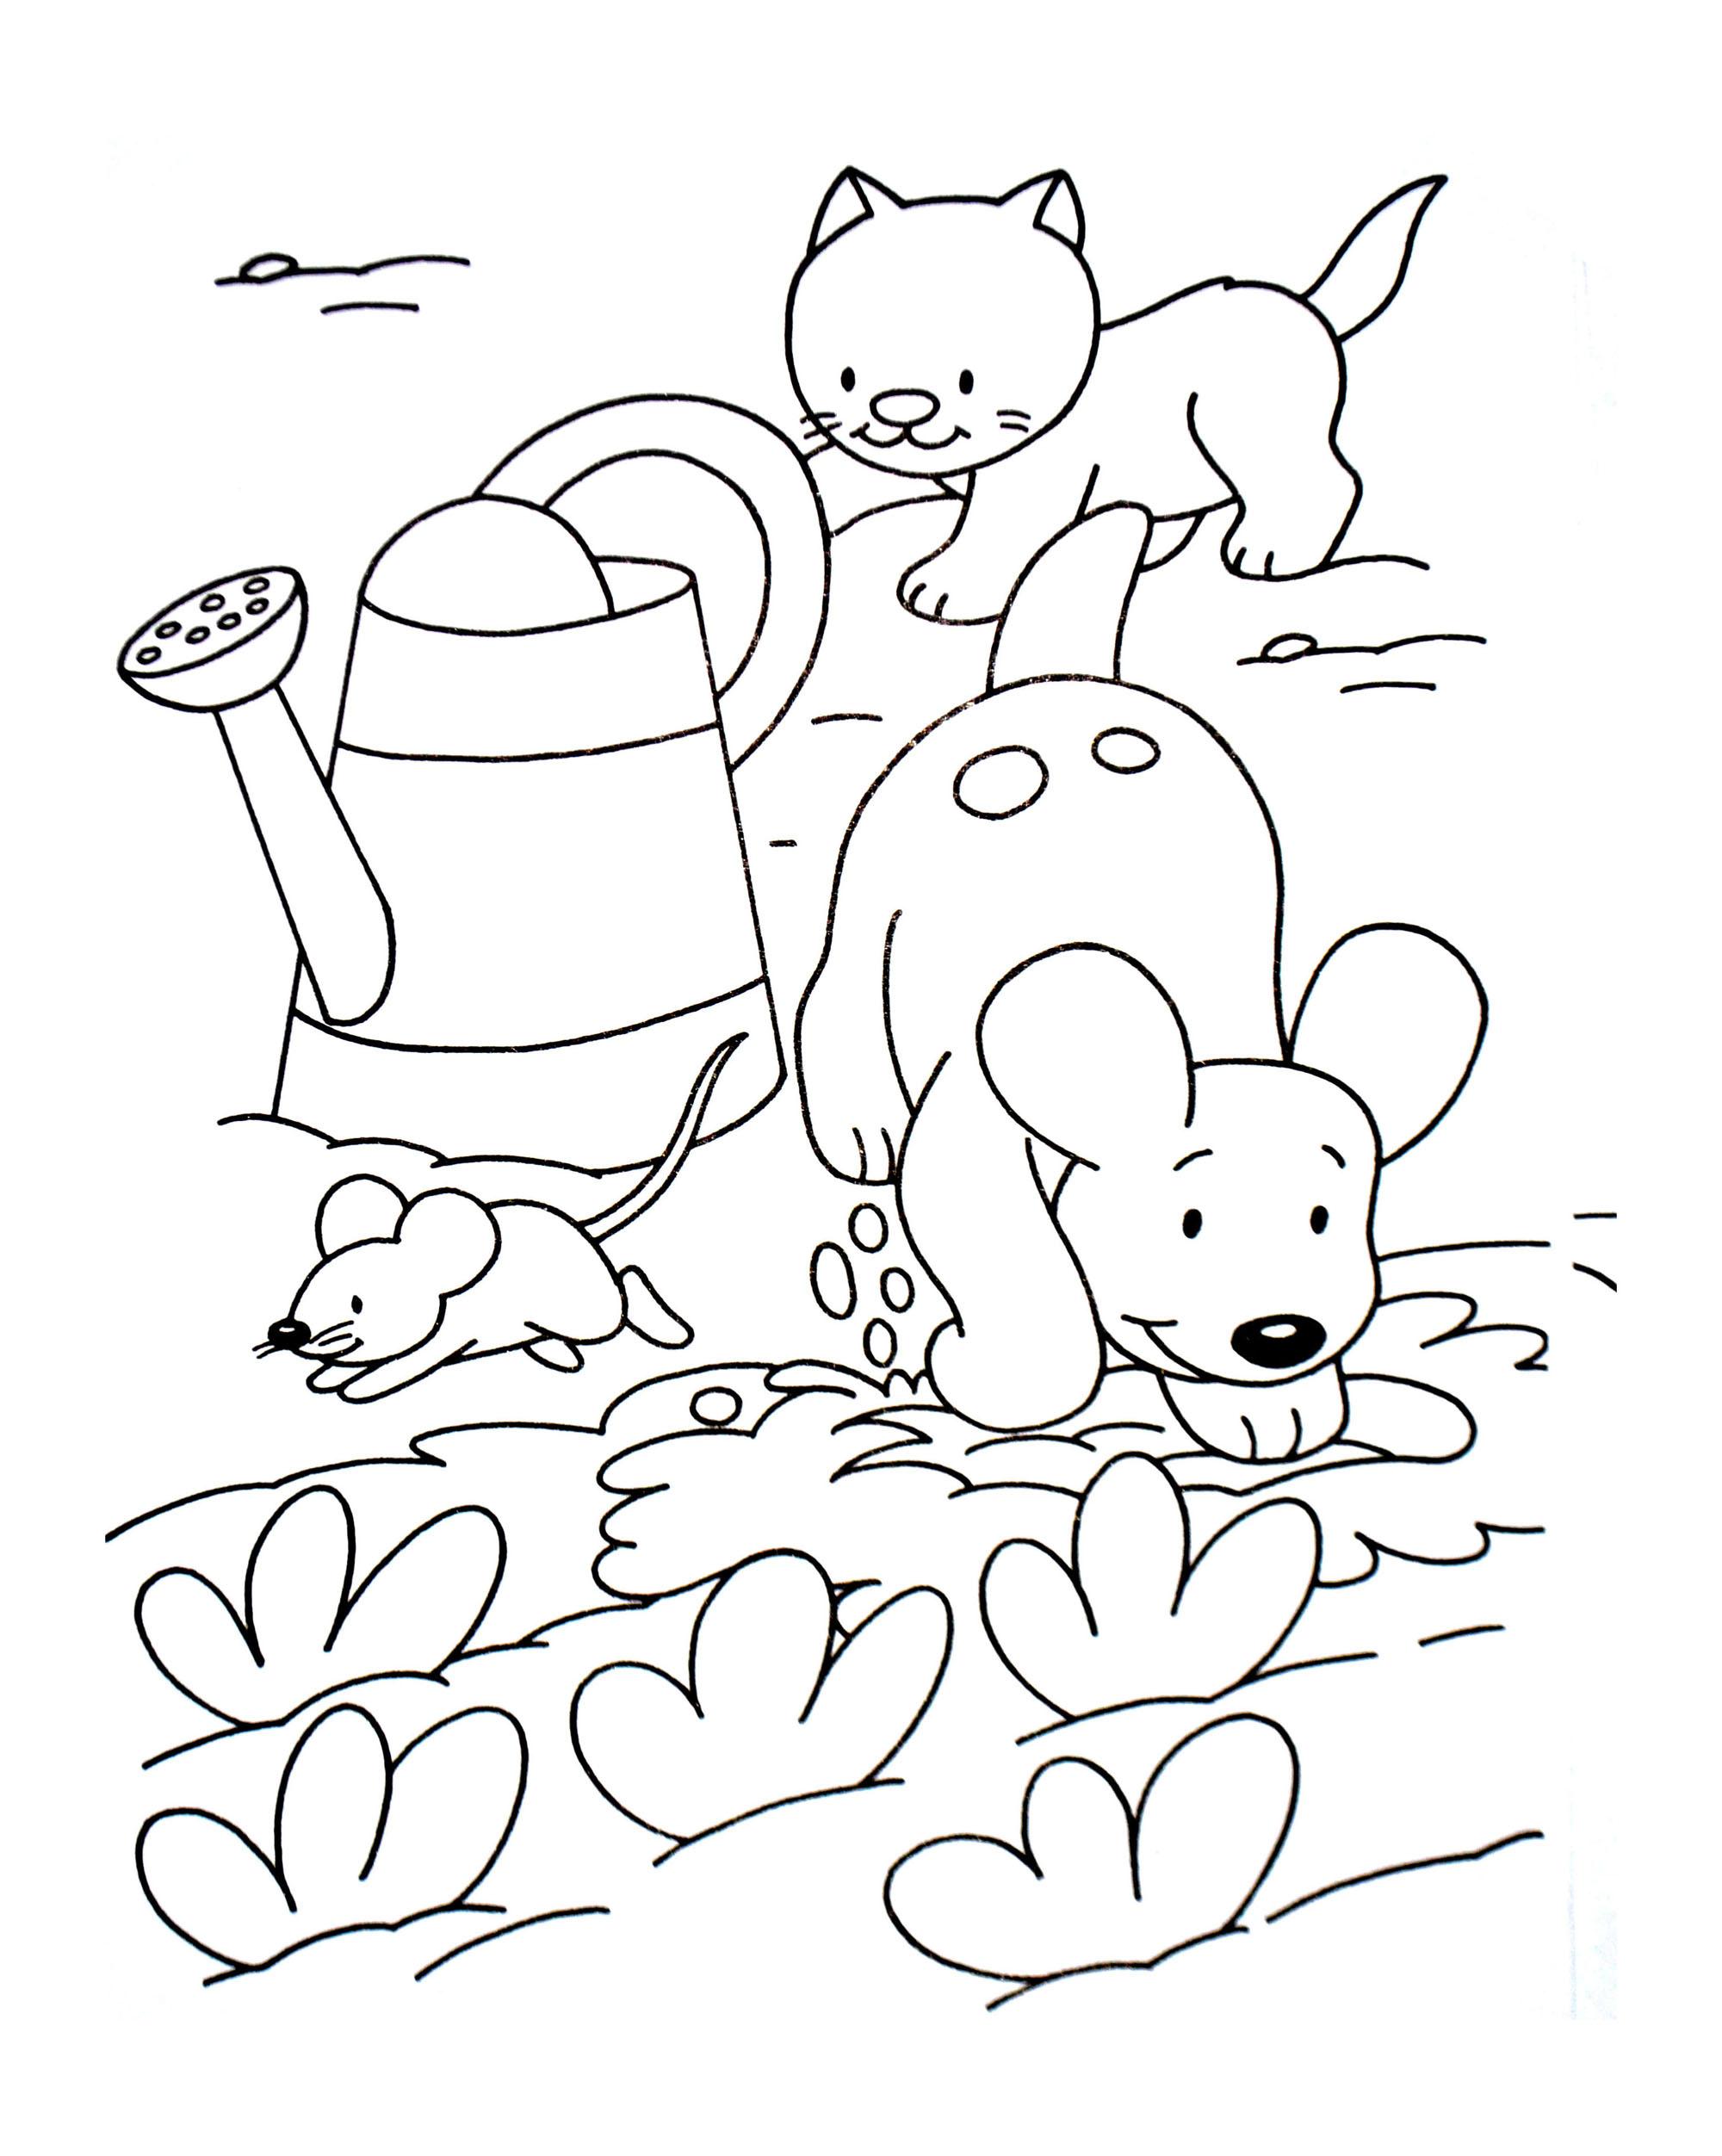 Dessin De Chien Gratuit À Imprimer Et Colorier - Coloriages à Animaux A Dessiner Imprimer